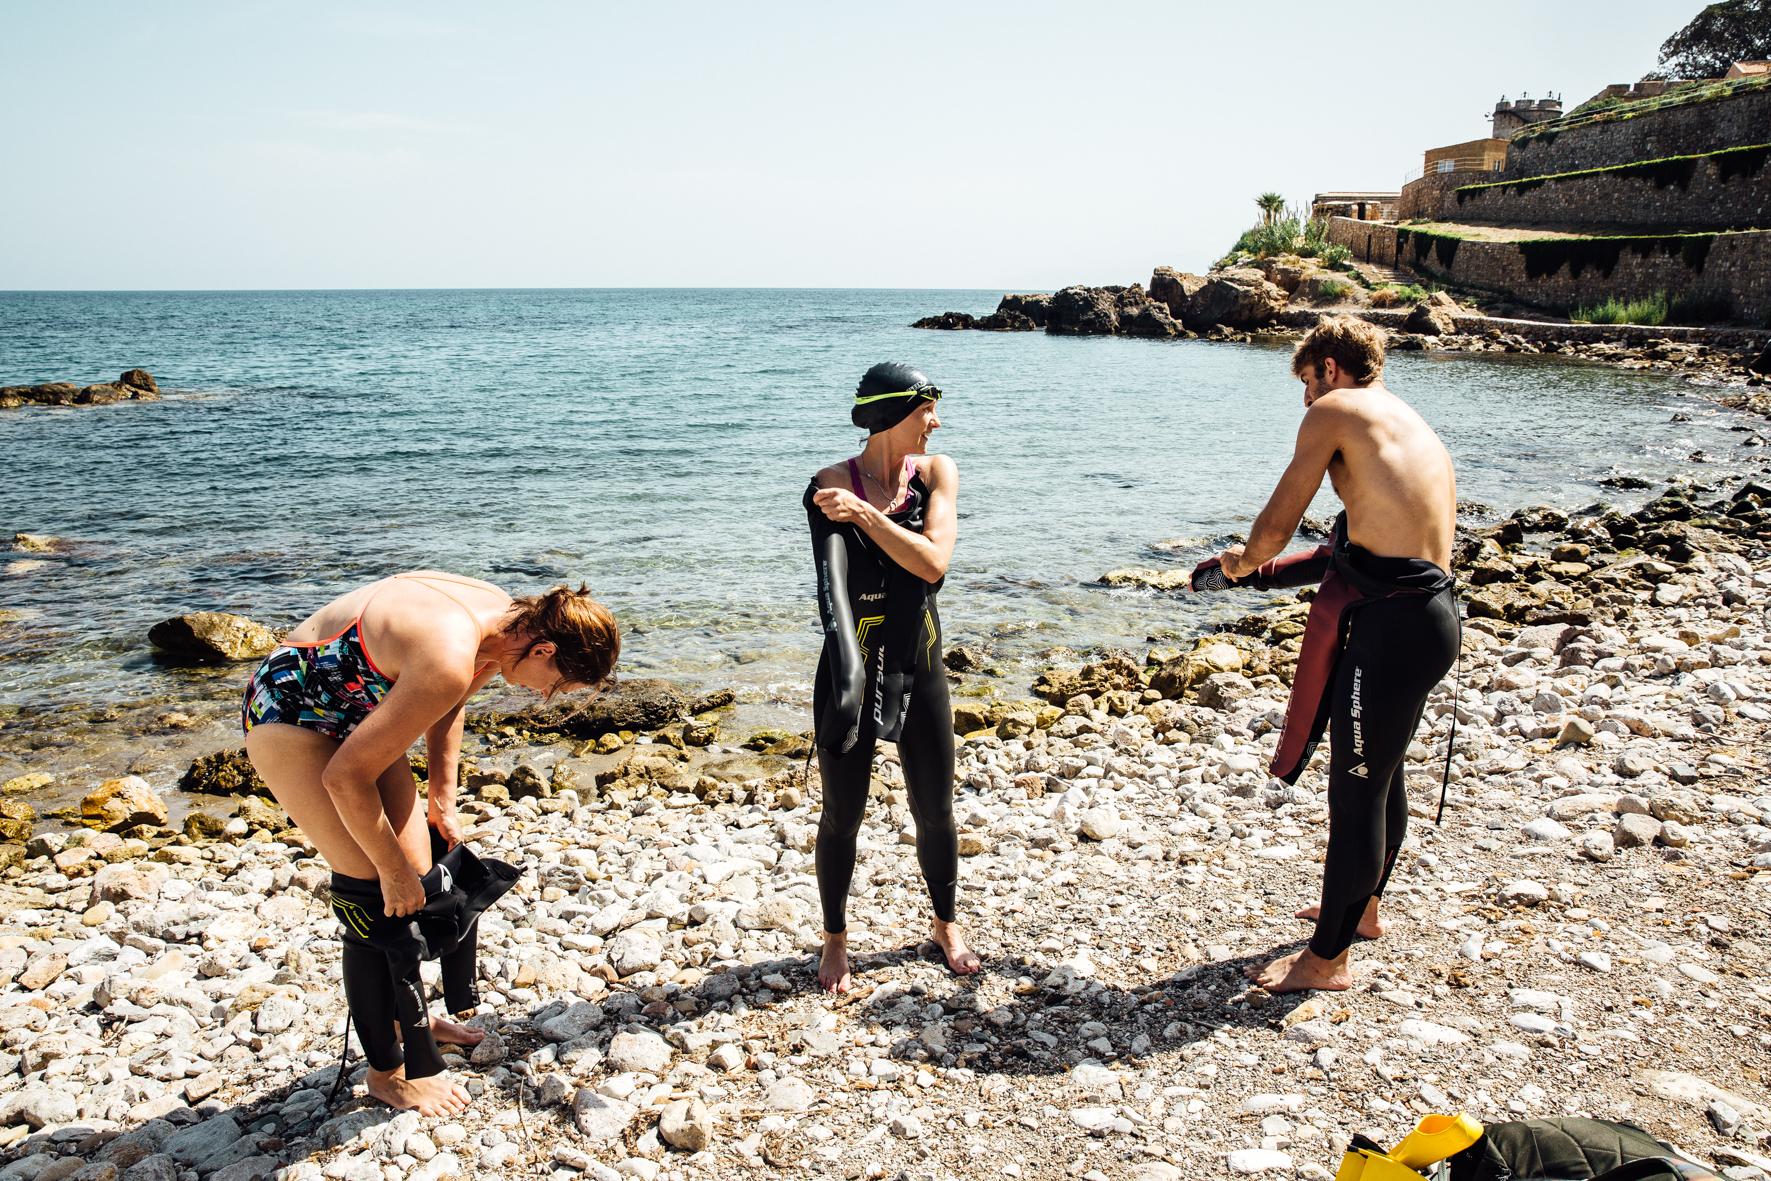 Avovesiuinti - Avovesikurssit ovat suunnattu harrastelijoille, triathlonisteille tai muuten uinnista innostuneille. Kurssit ovat 3 kerran mittaisia.